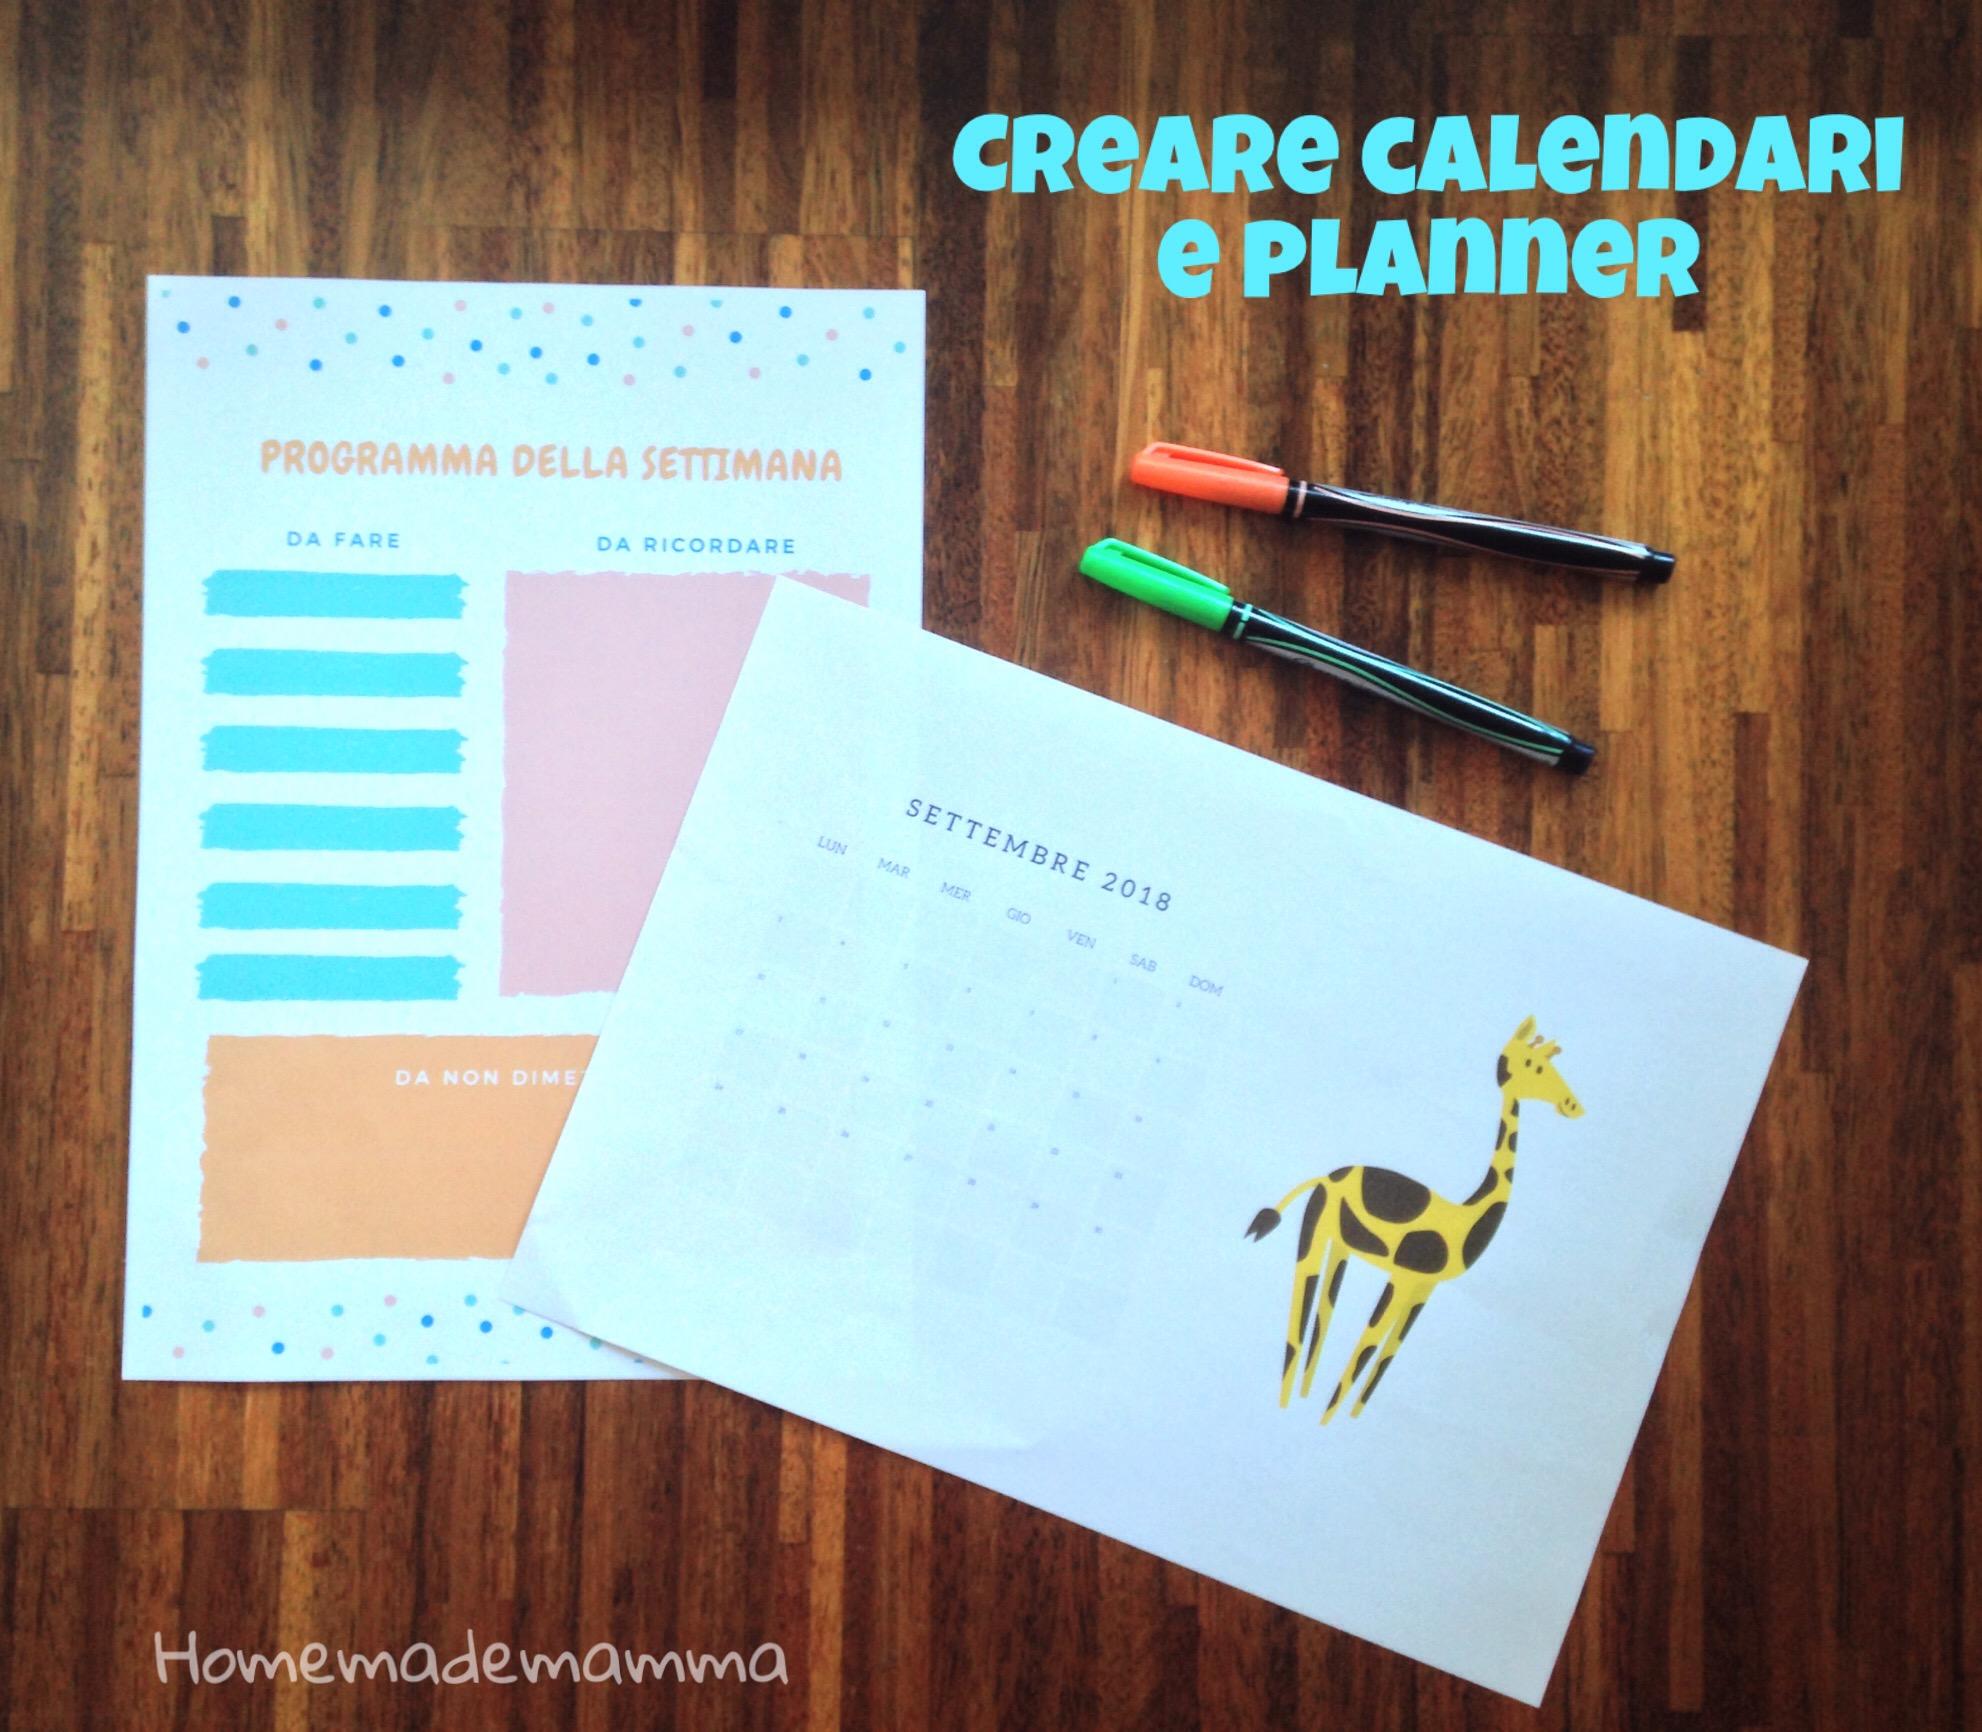 calendario scolastico e planner